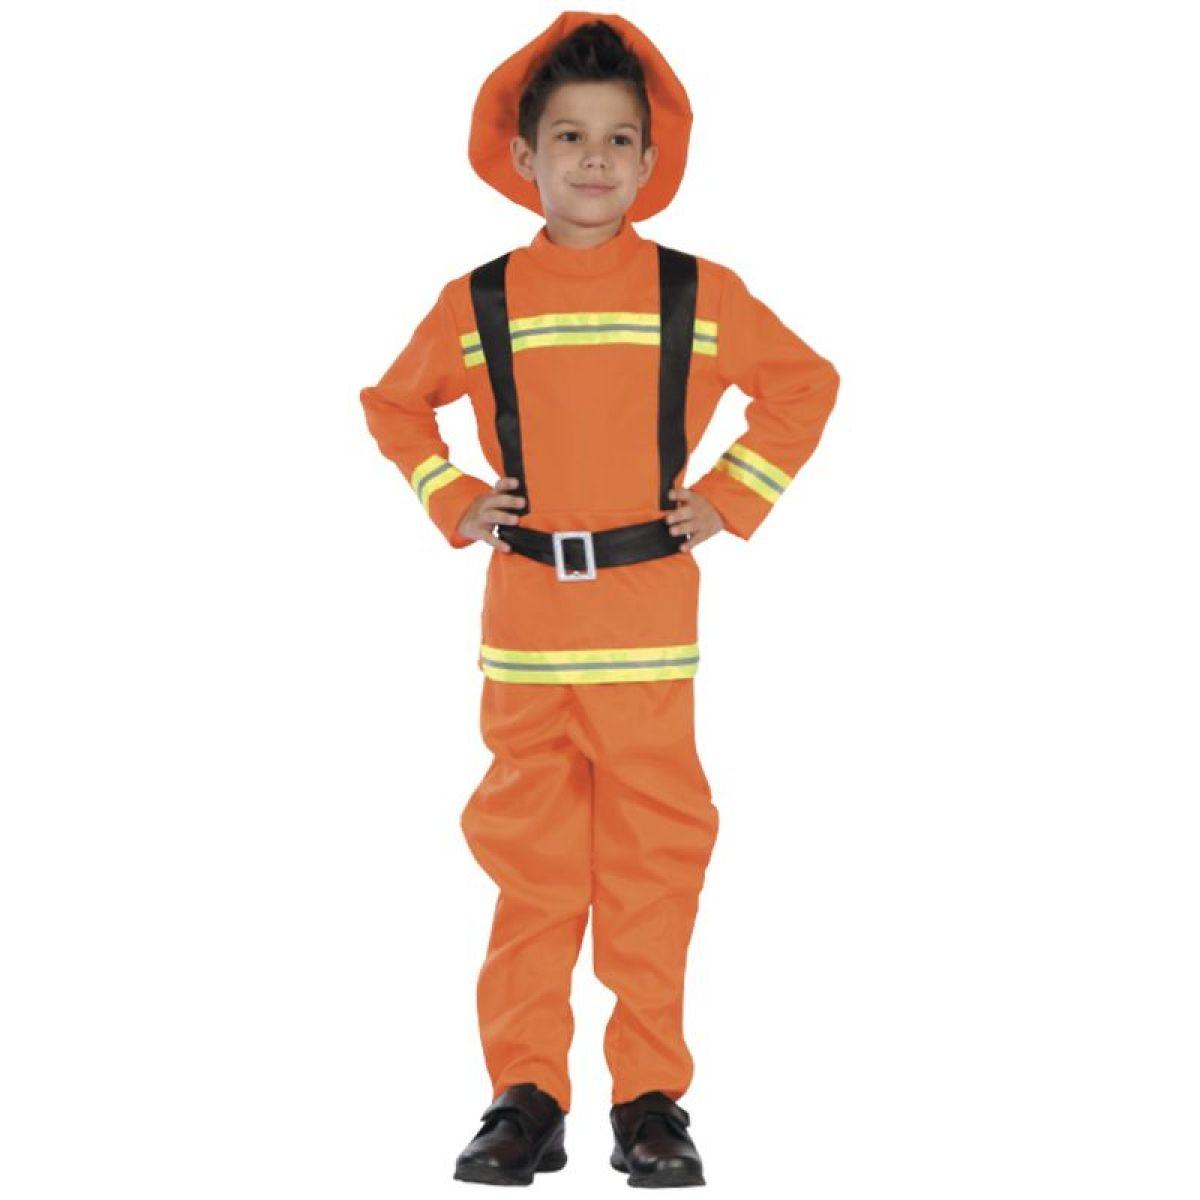 HM Studio Dětský kostým hasič, 130-140 cm